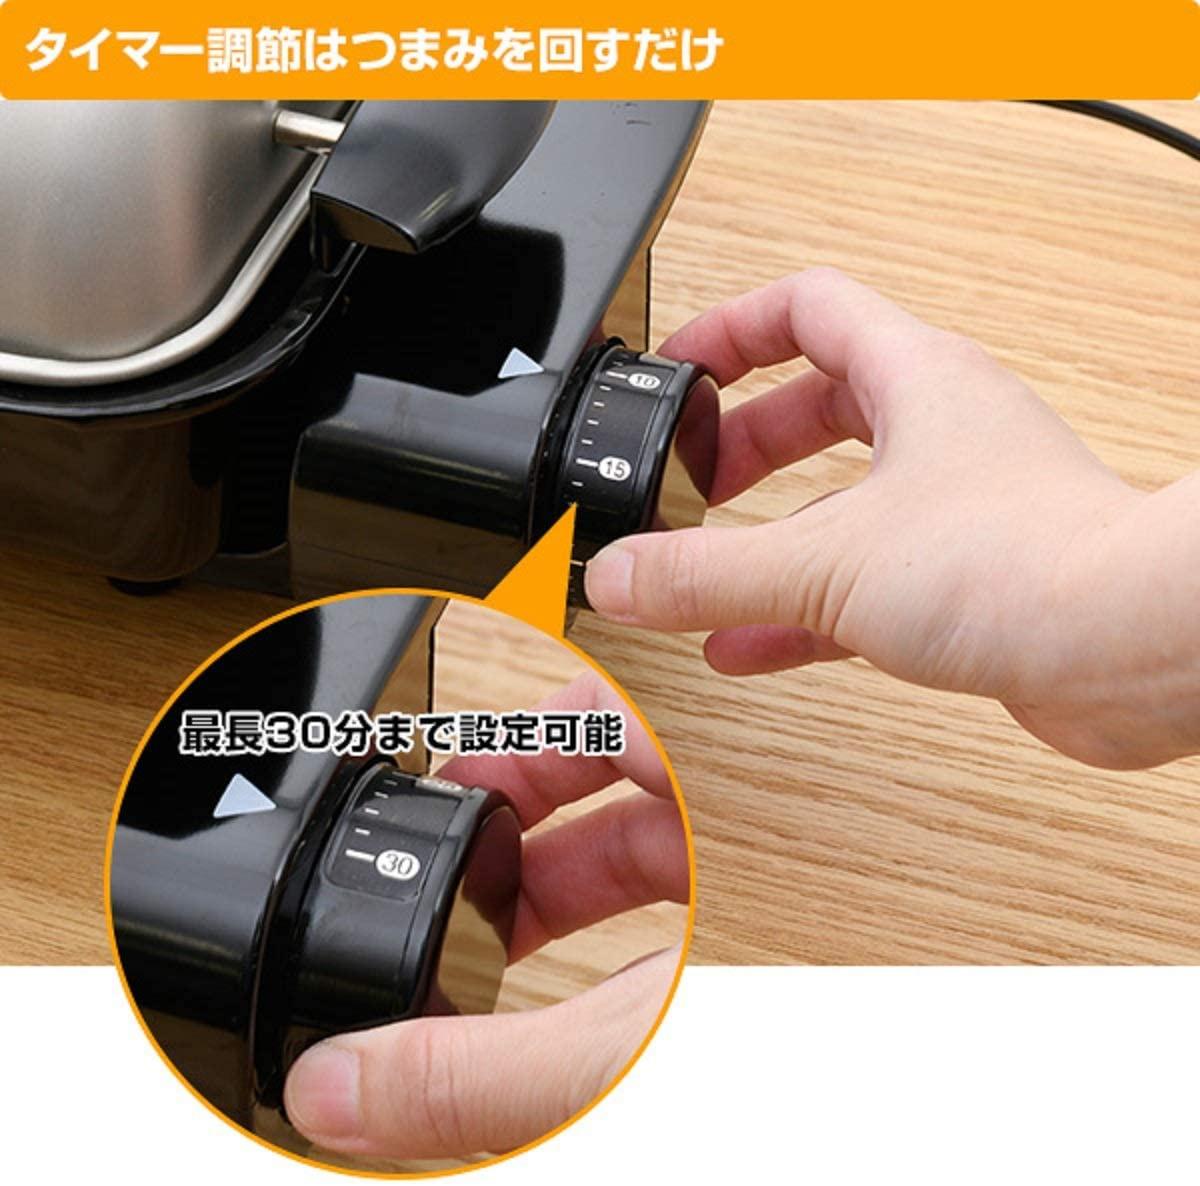 山善(YAMAZEN) ワイドグリル  NFR-1100の商品画像5